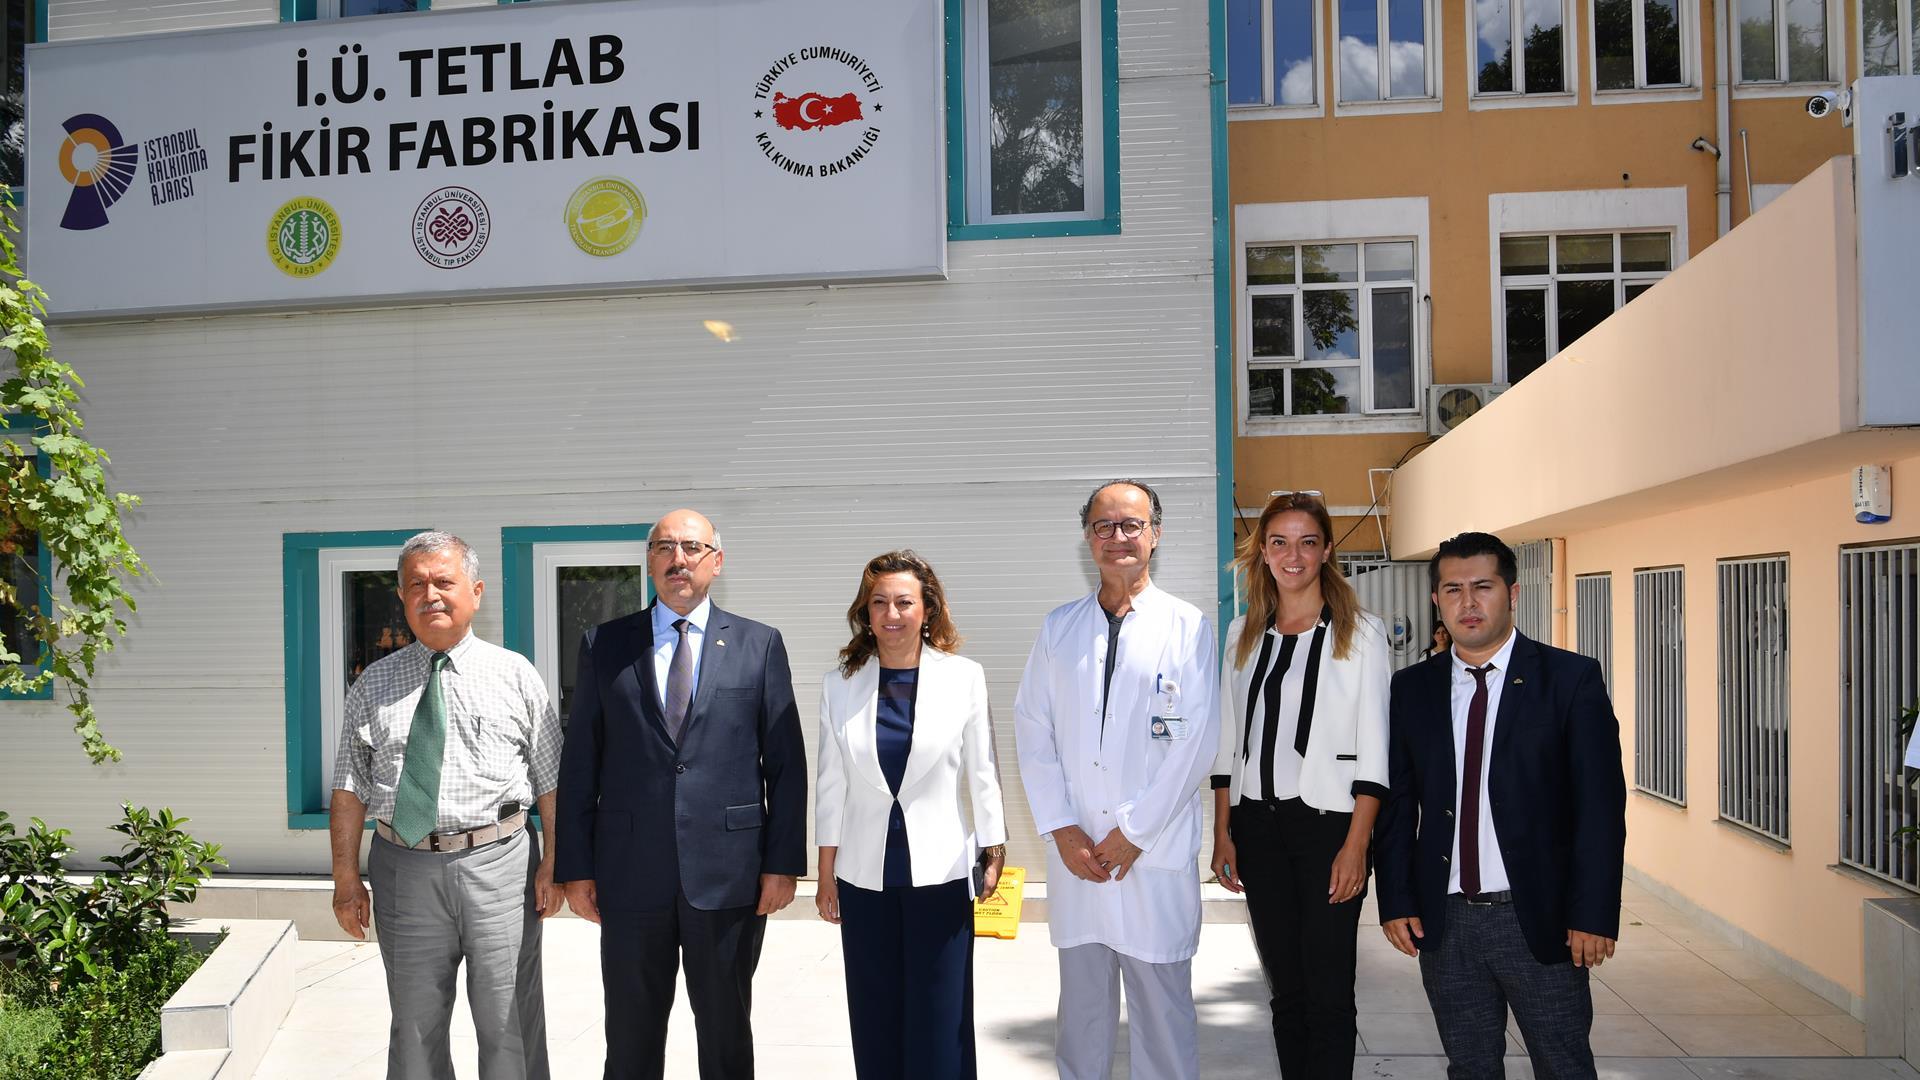 İstanbul-Üniversitesi-Rektörü-Prof.-Dr.-Mahmut-Ak-TETLAB-Fikir-Fabrikası'nı-Ziyaret-Etti